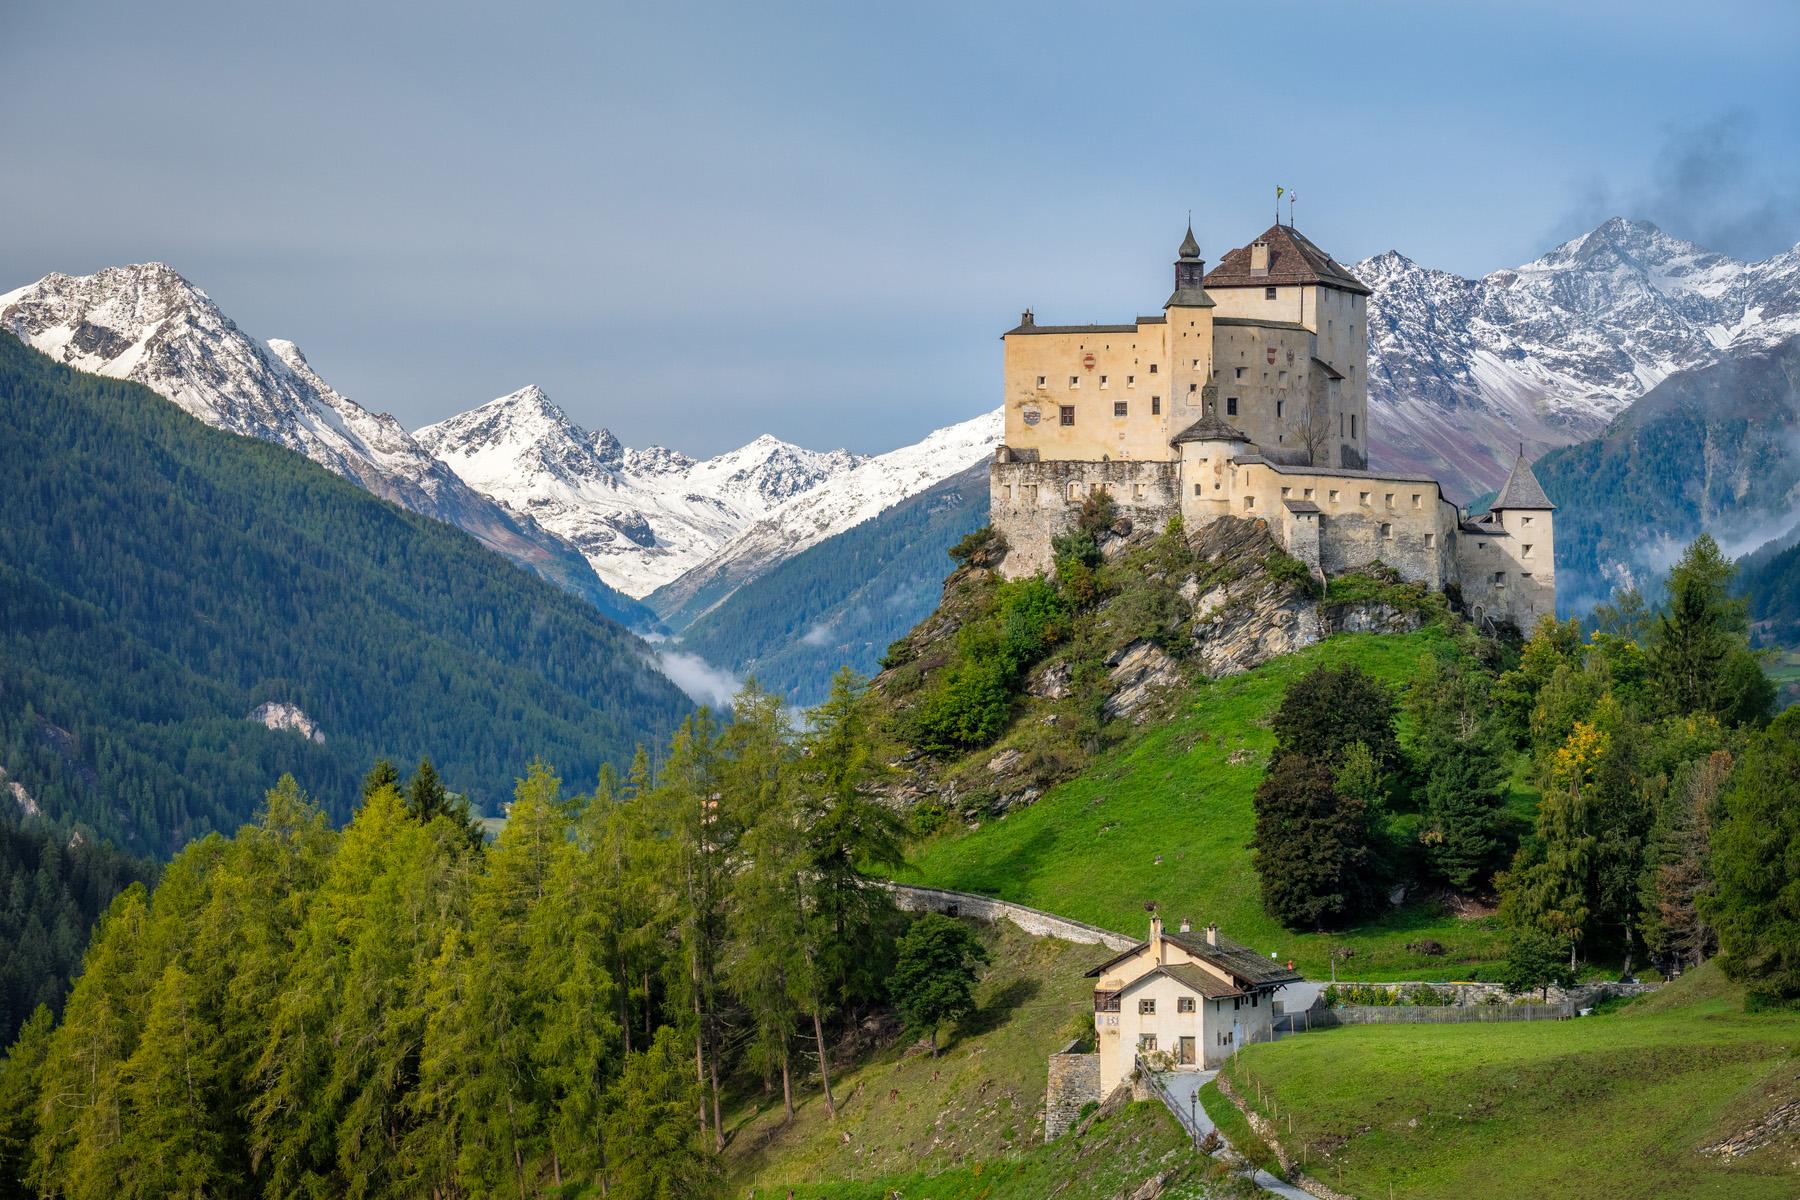 Tarasp Castle in Grisons